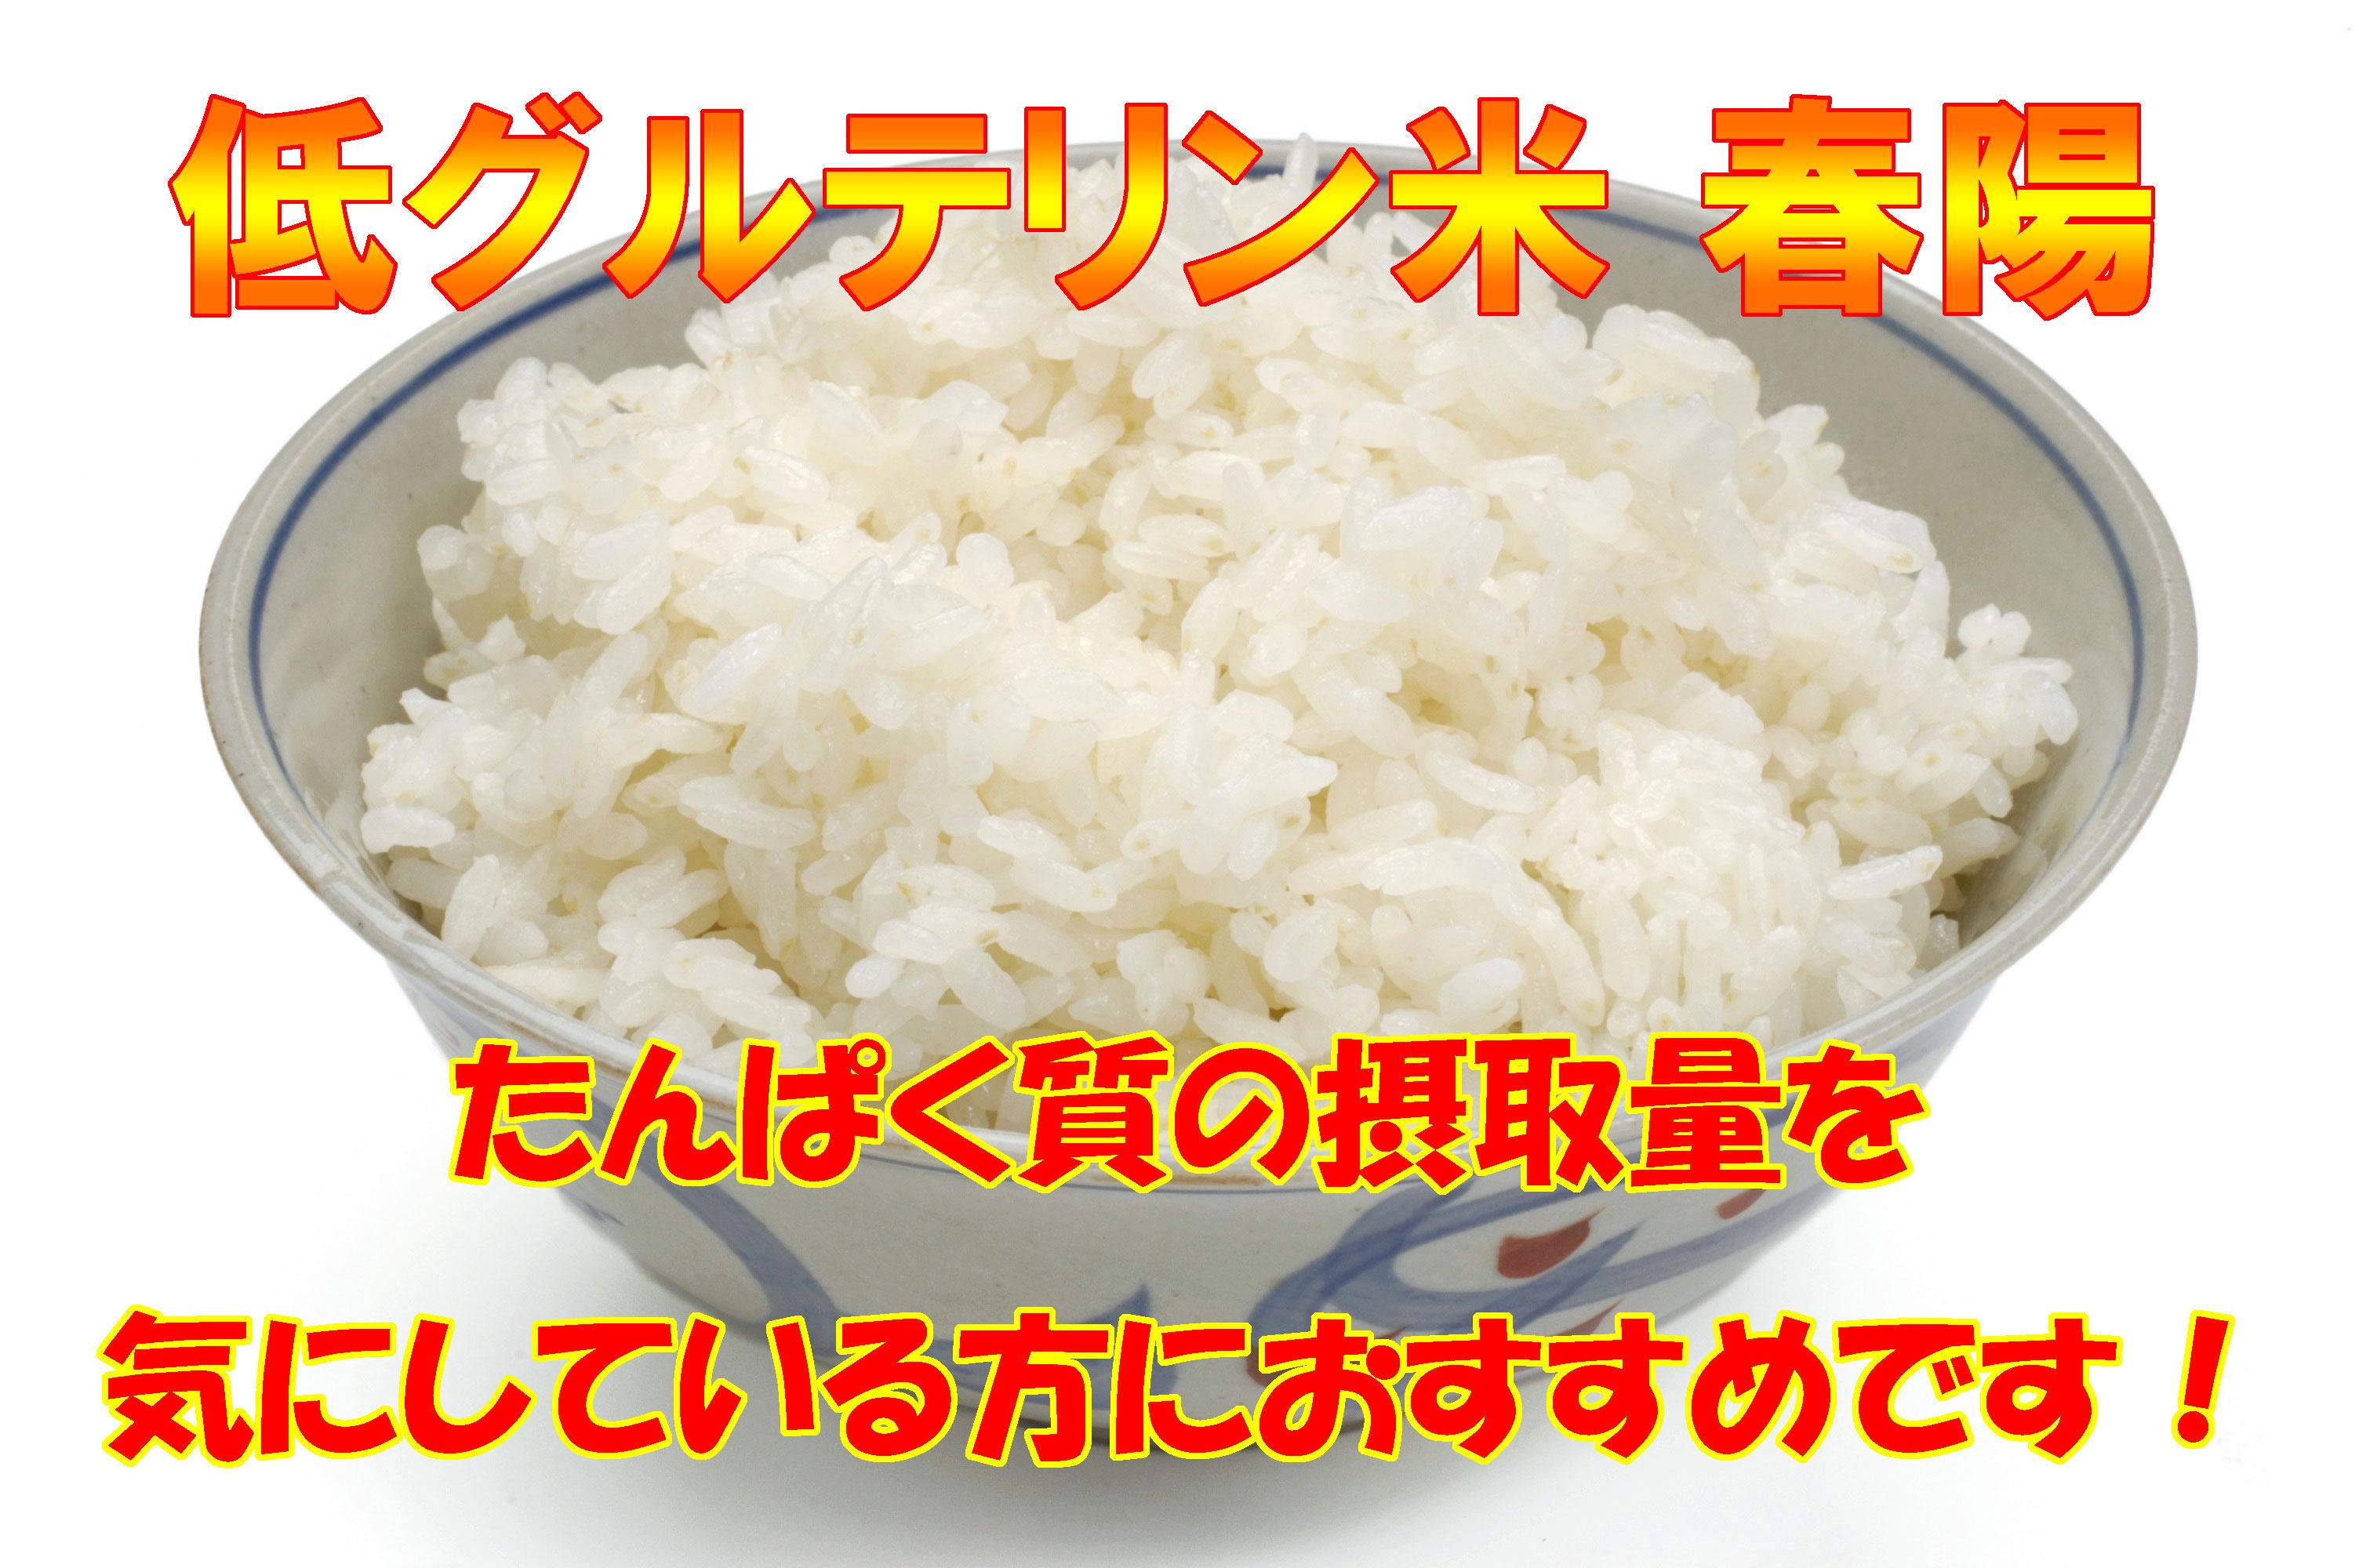 H30年産 宮城登米産 低グルテリン米「春陽」 白米 2kg